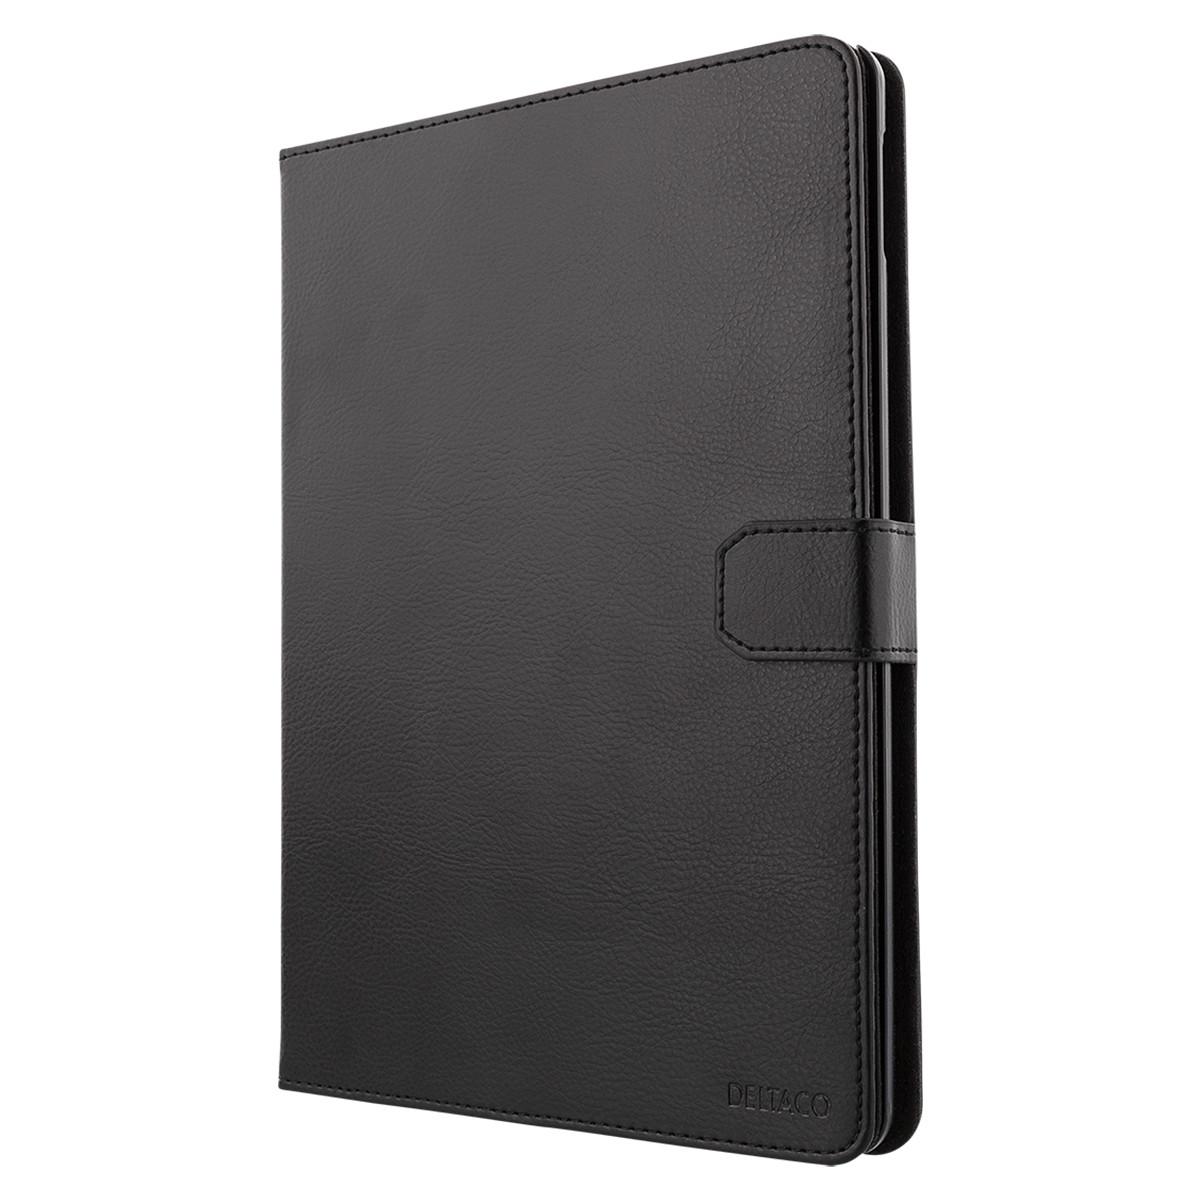 DELTACO läderfodral med ställ till iPad 9.7 (2017/2018), svart